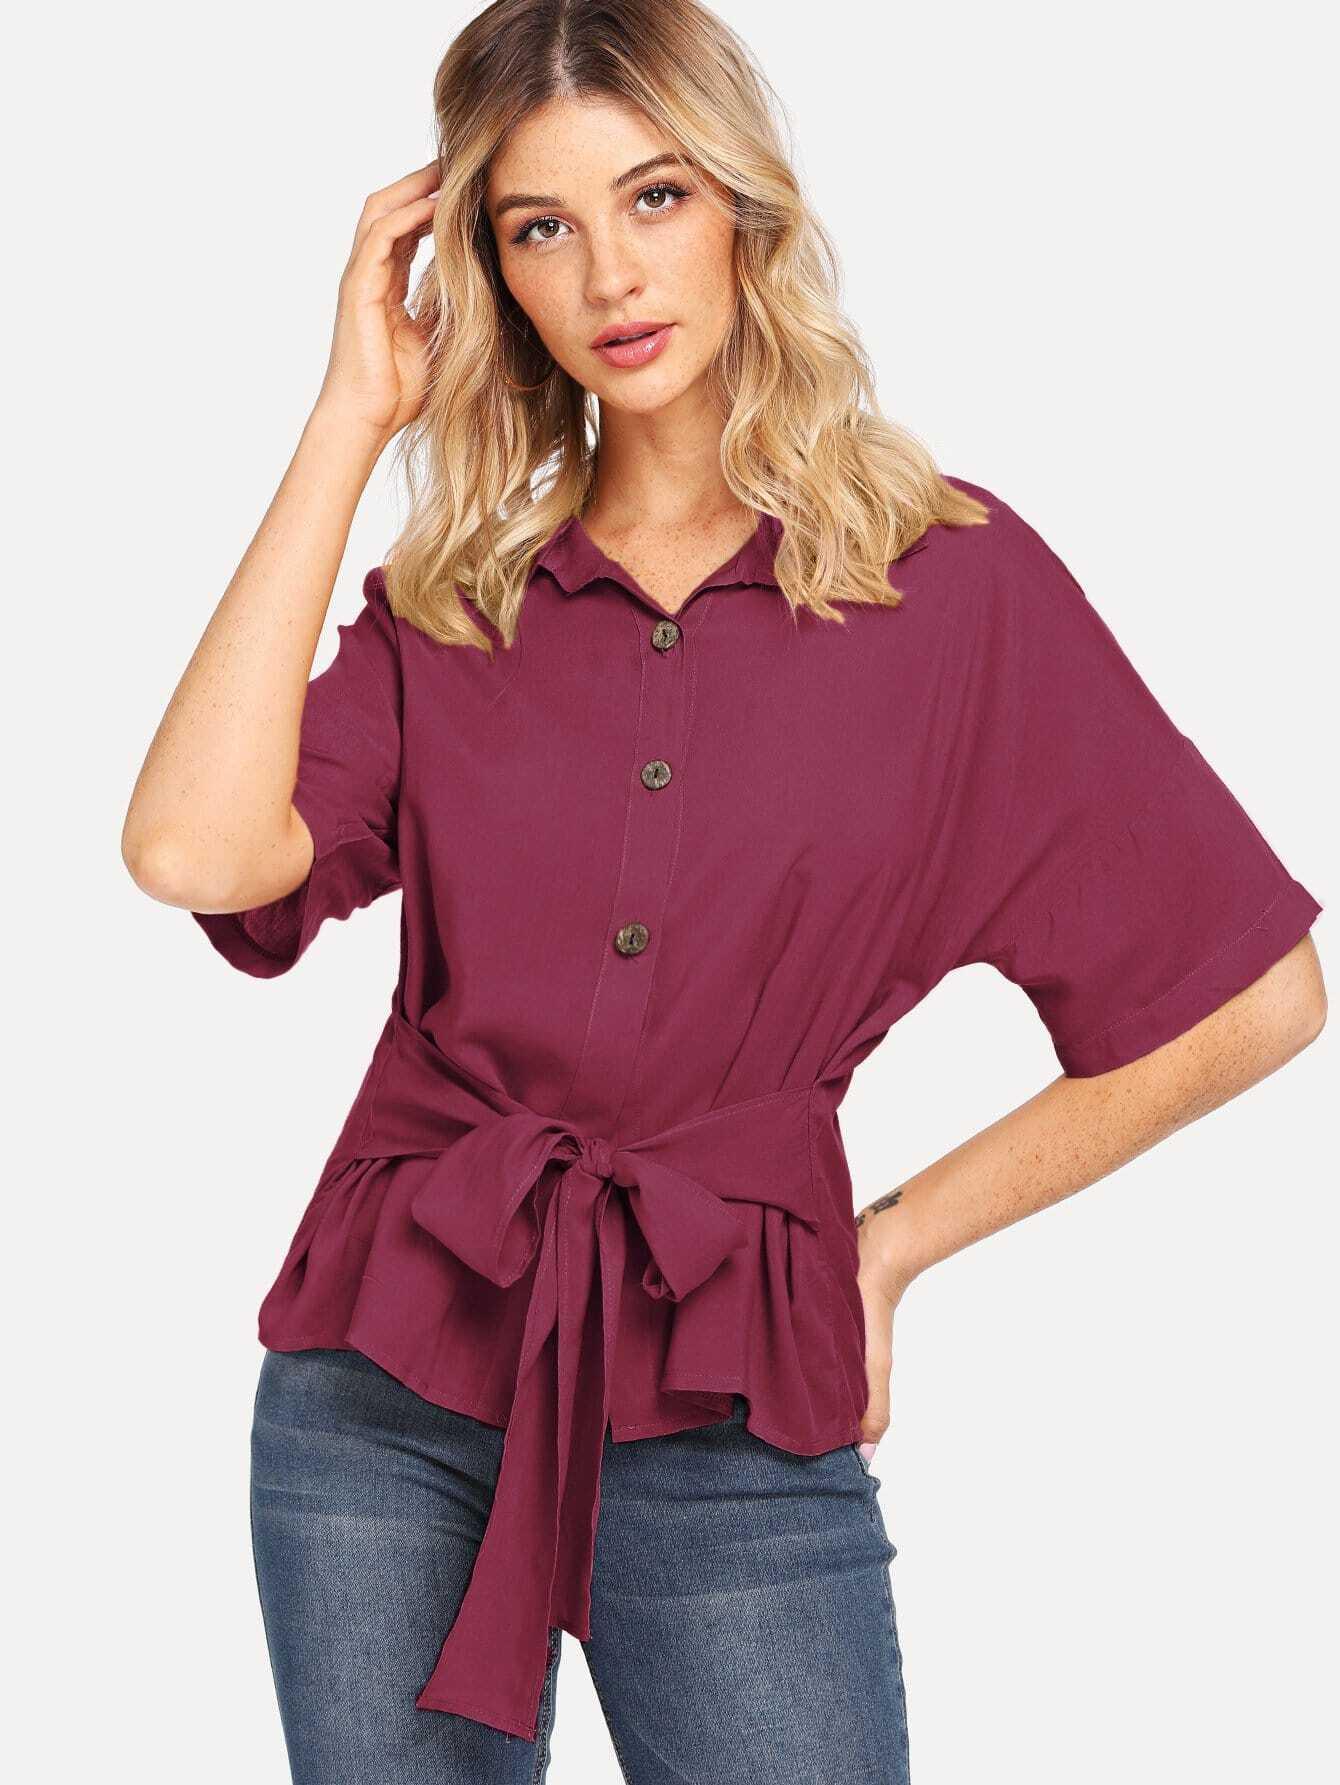 Купить Повседневный Одноцветный с бантом Бордовый Блузы+рубашки, Nathane, SheIn